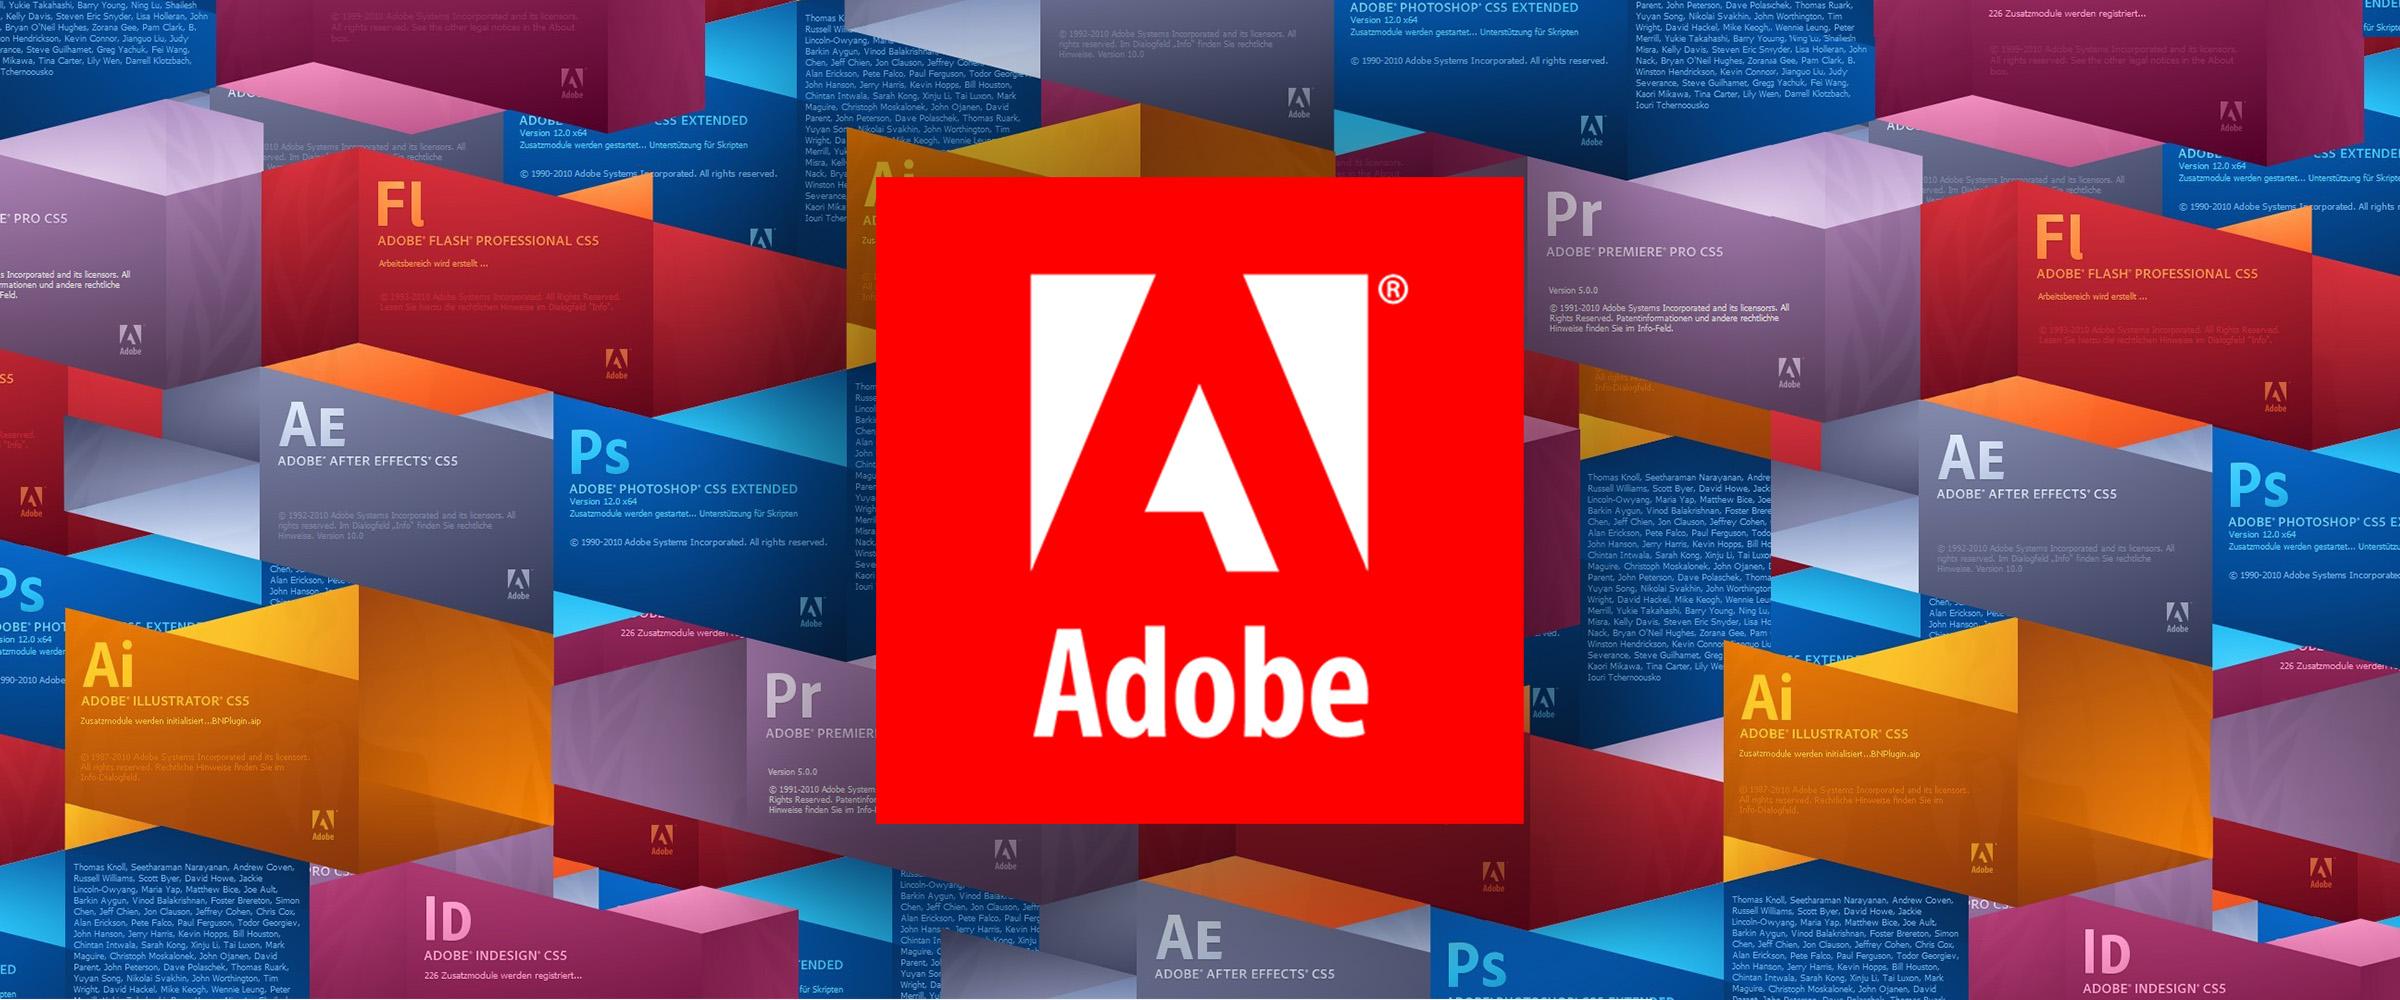 Adobe_Header